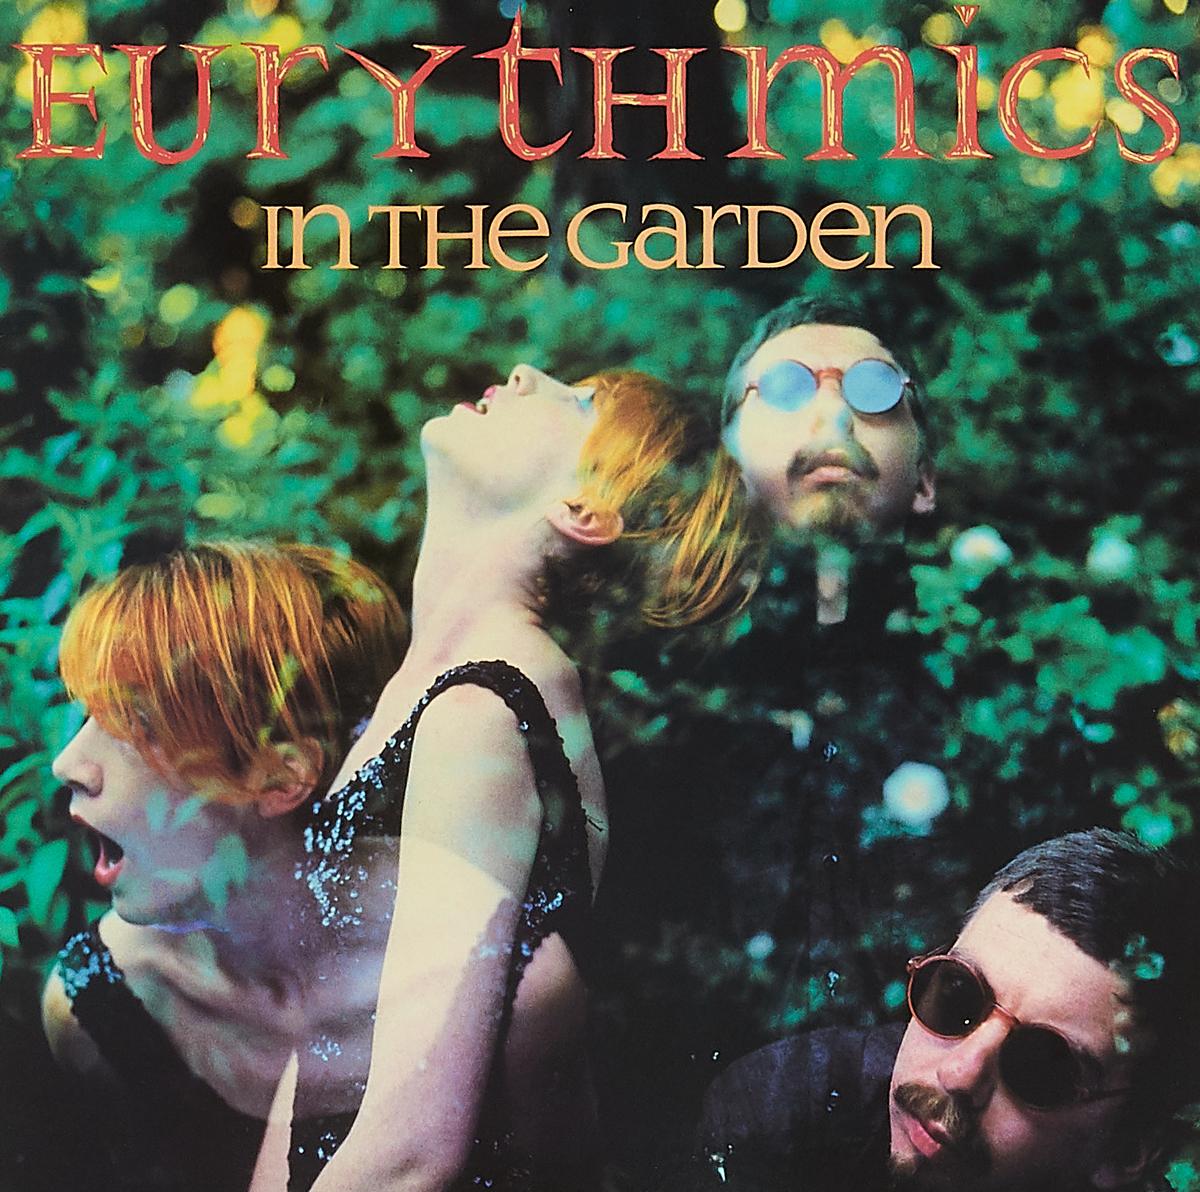 Фото - Eurythmics Eurythmics. In The Garden (LP) eurythmics eurythmics greatest hits 2 lp